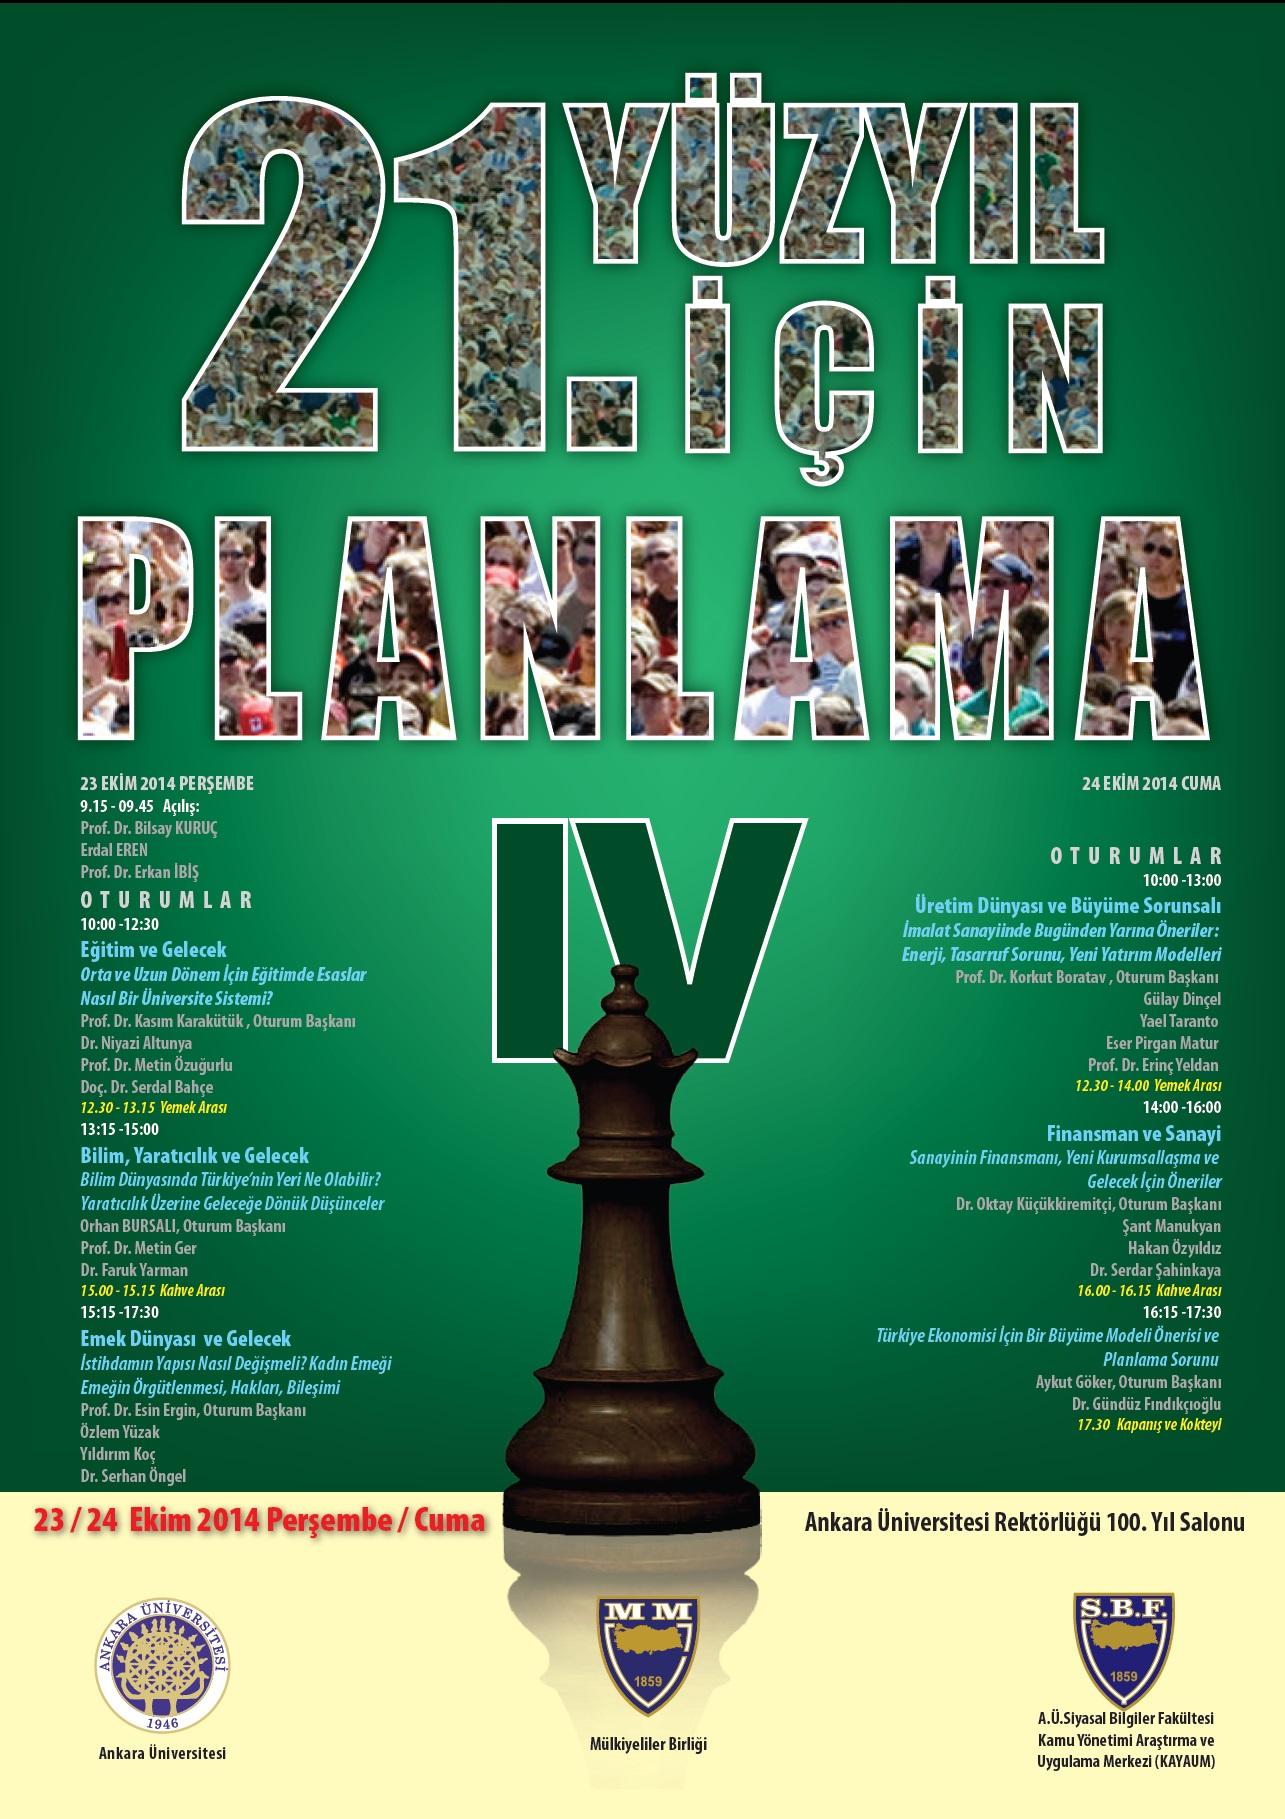 21inci Yüzyıl İçin Planlama IV. Kurultay- 23_24 Ekim 2014